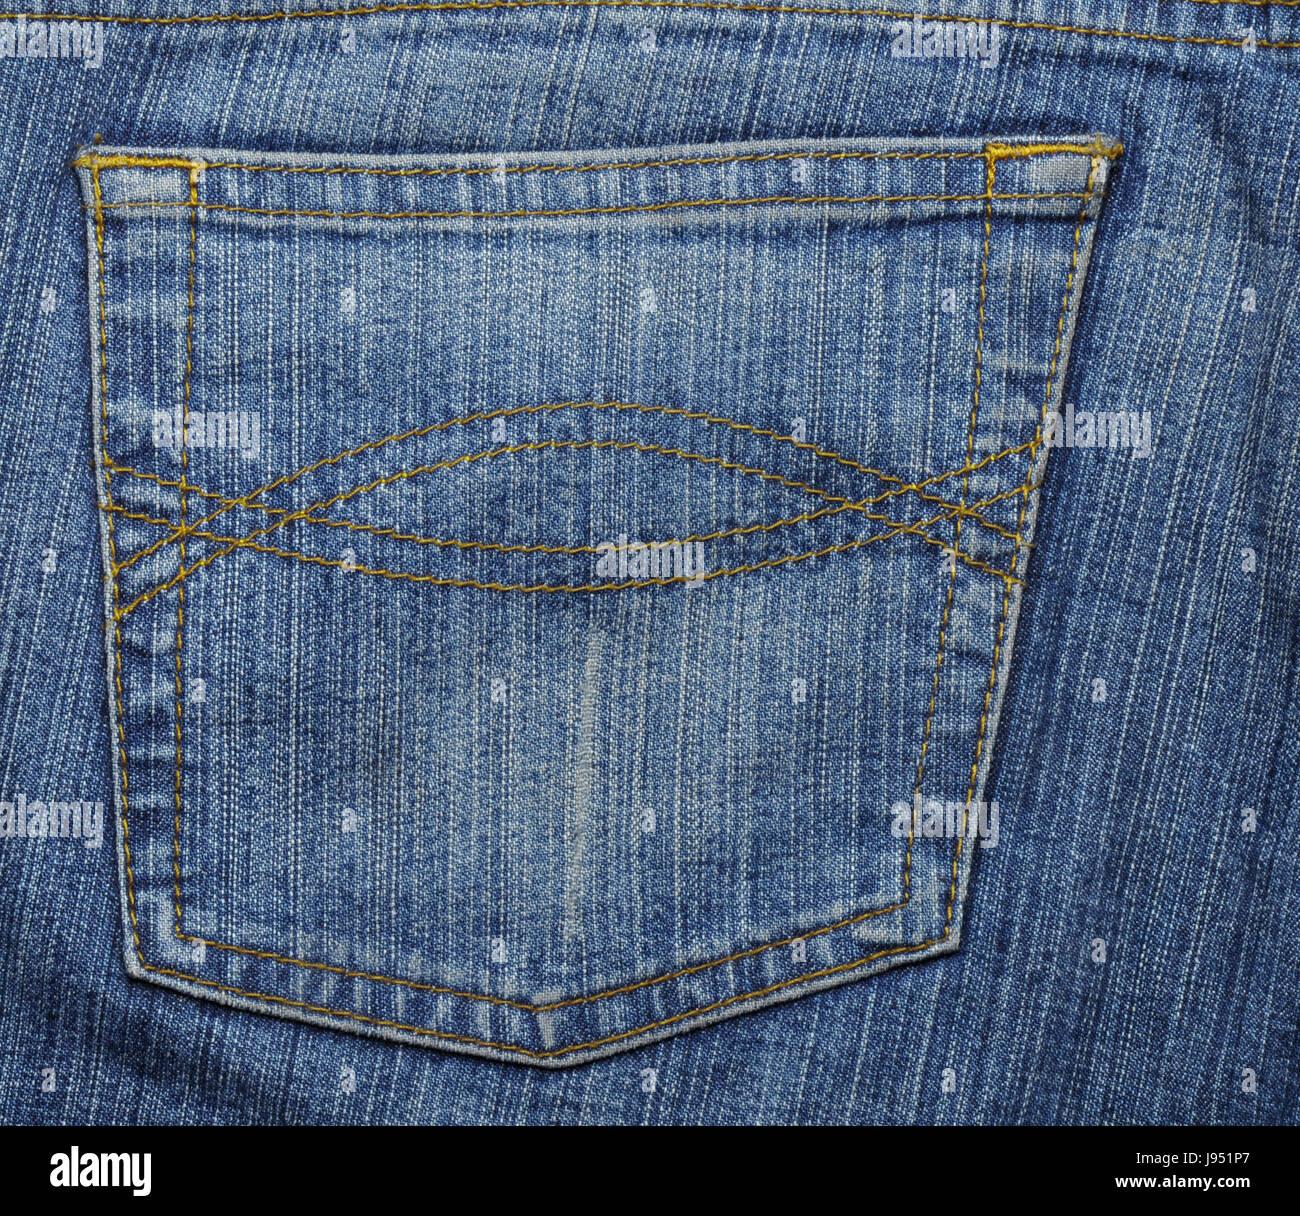 Moda Jeans Pantalones Pantalones Jean Patron La Lona Tela De Fondo Fotografia De Stock Alamy